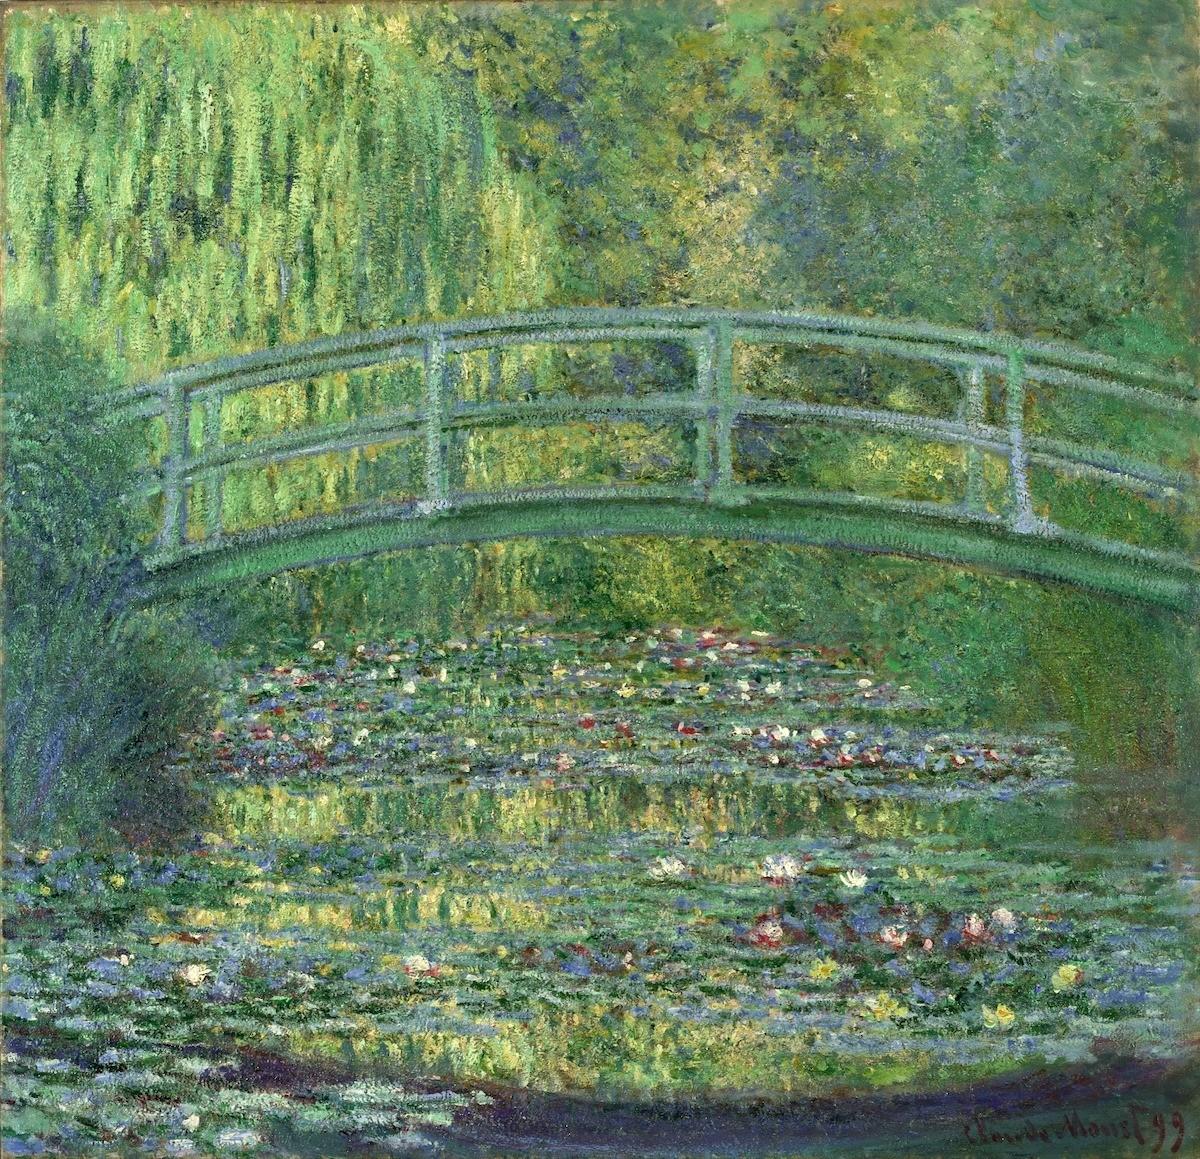 クロード・モネ 《睡蓮の池》 1899年 ポーラ美術館